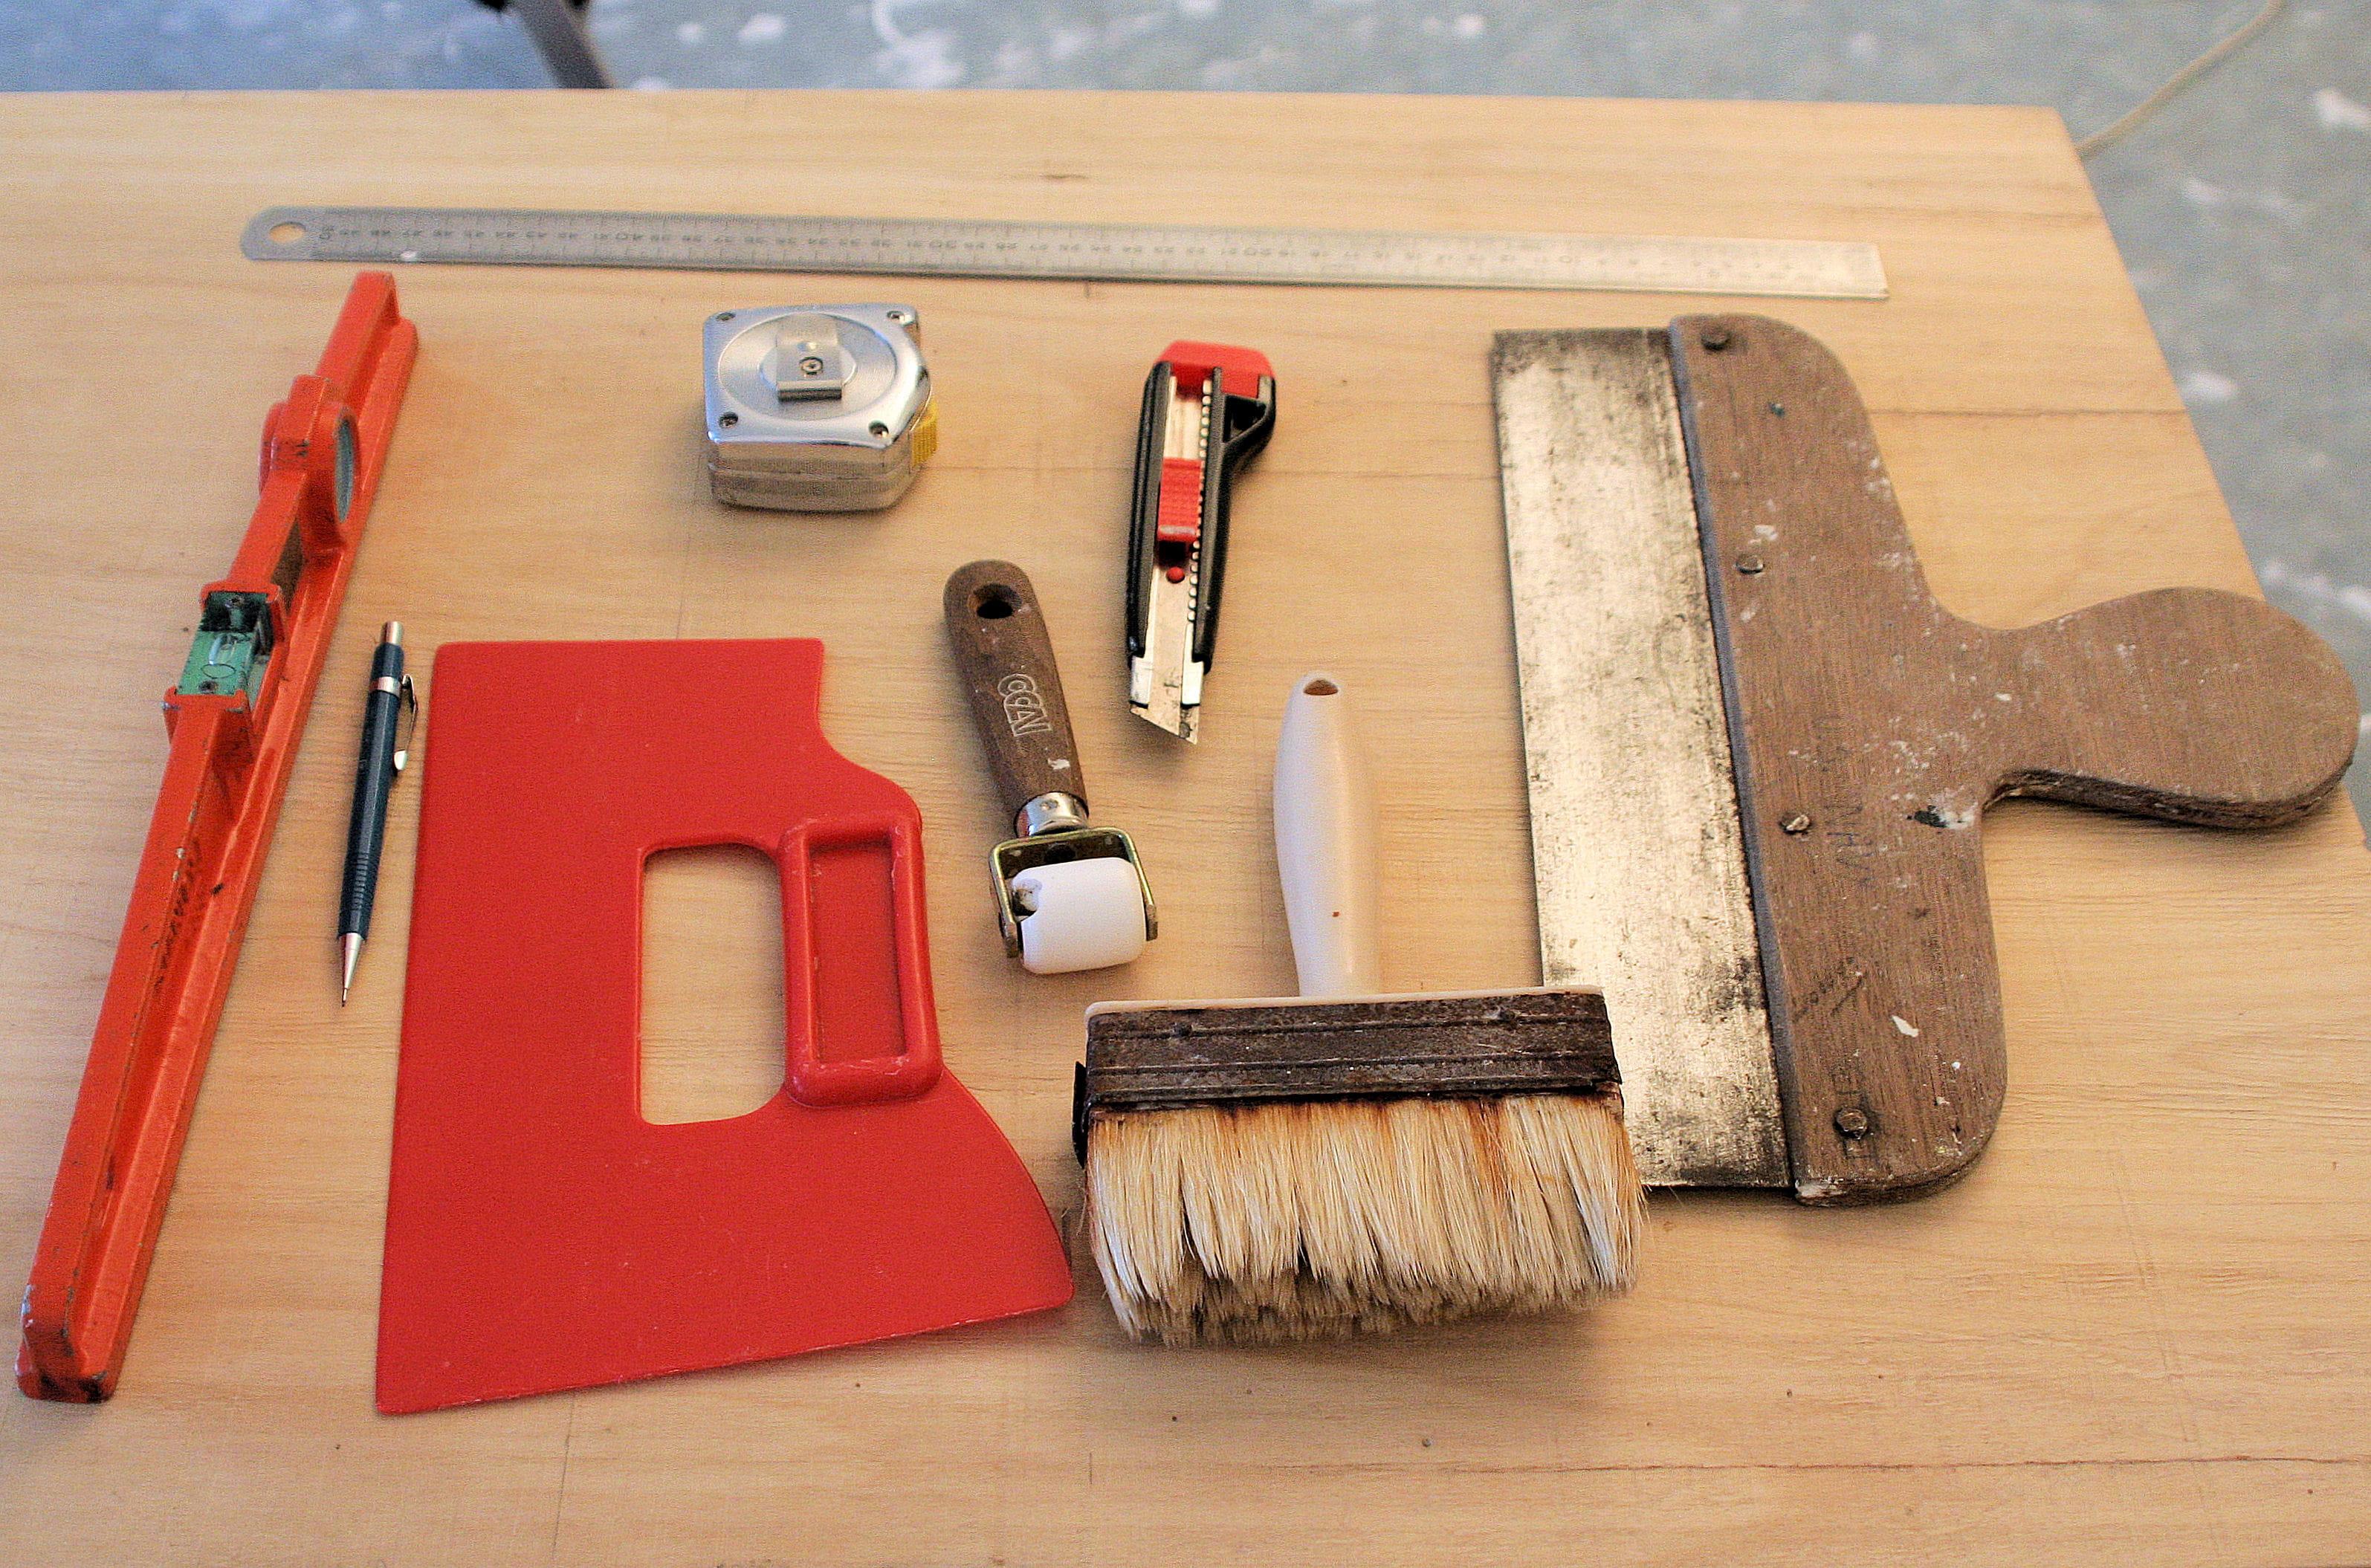 Les outils n cessaires poser du papier peint intiss linternaute - Poser du papier intisse ...